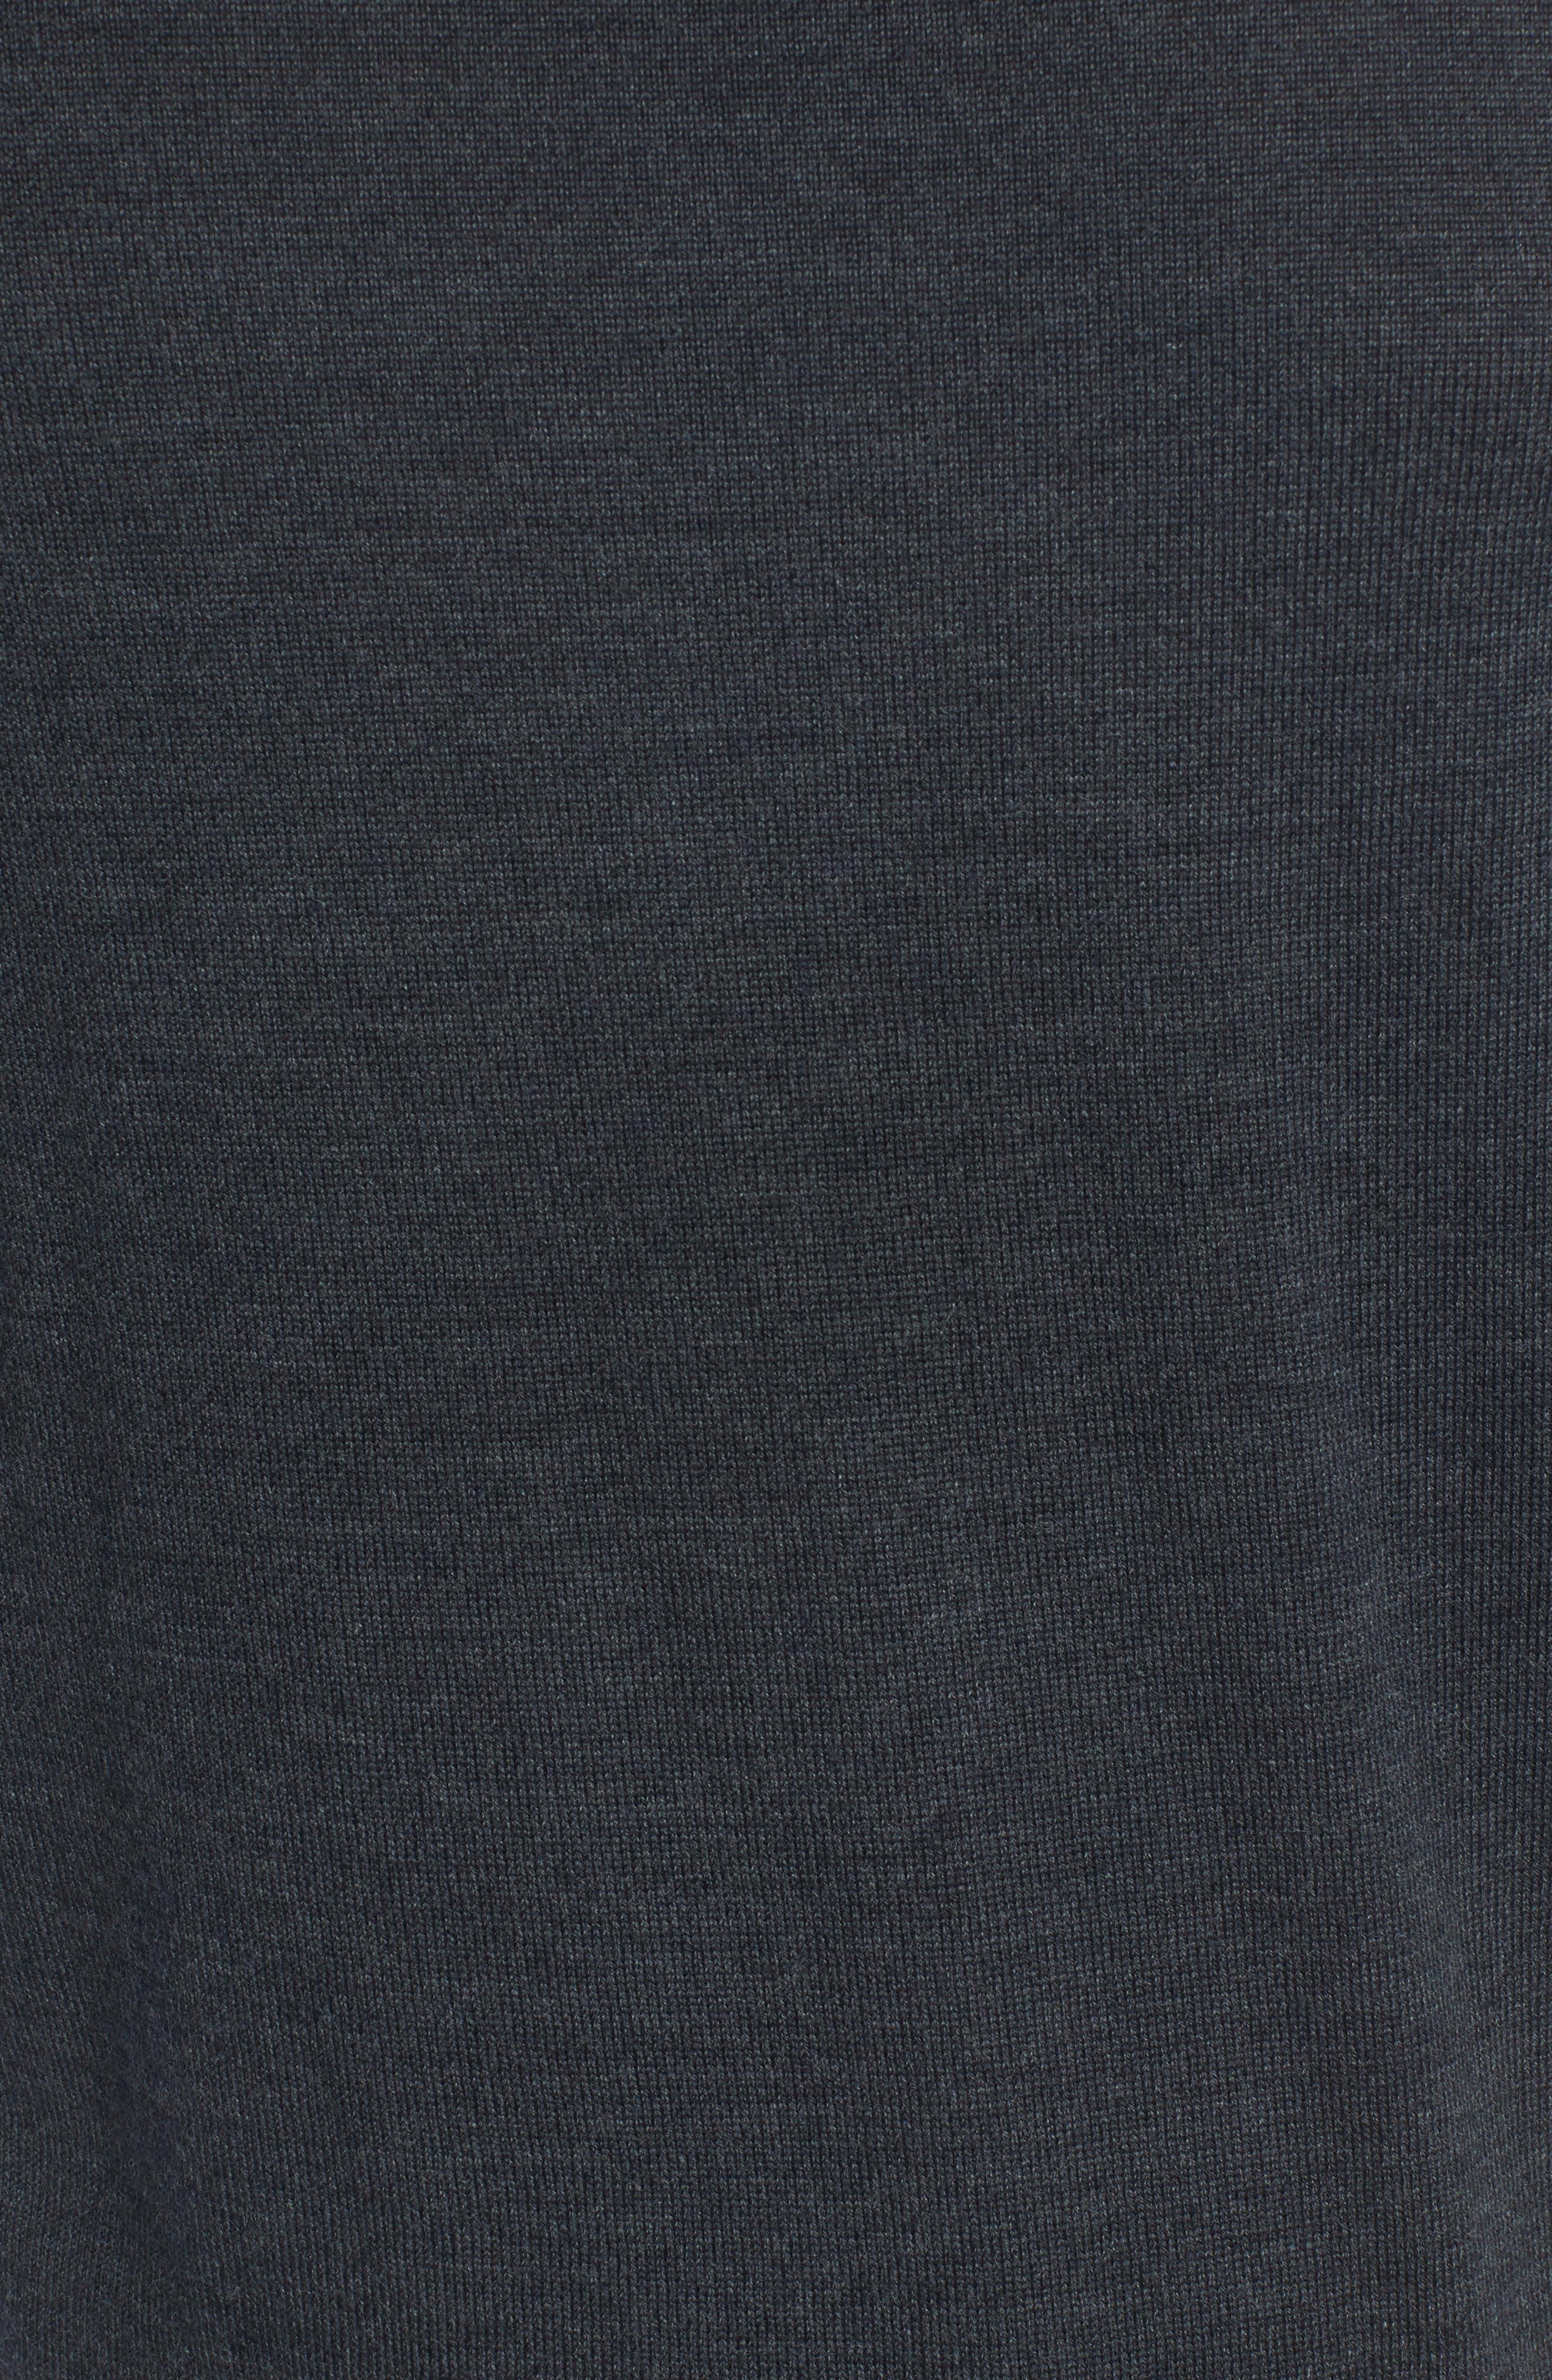 Merino V-Neck Sweater,                             Alternate thumbnail 5, color,                             020